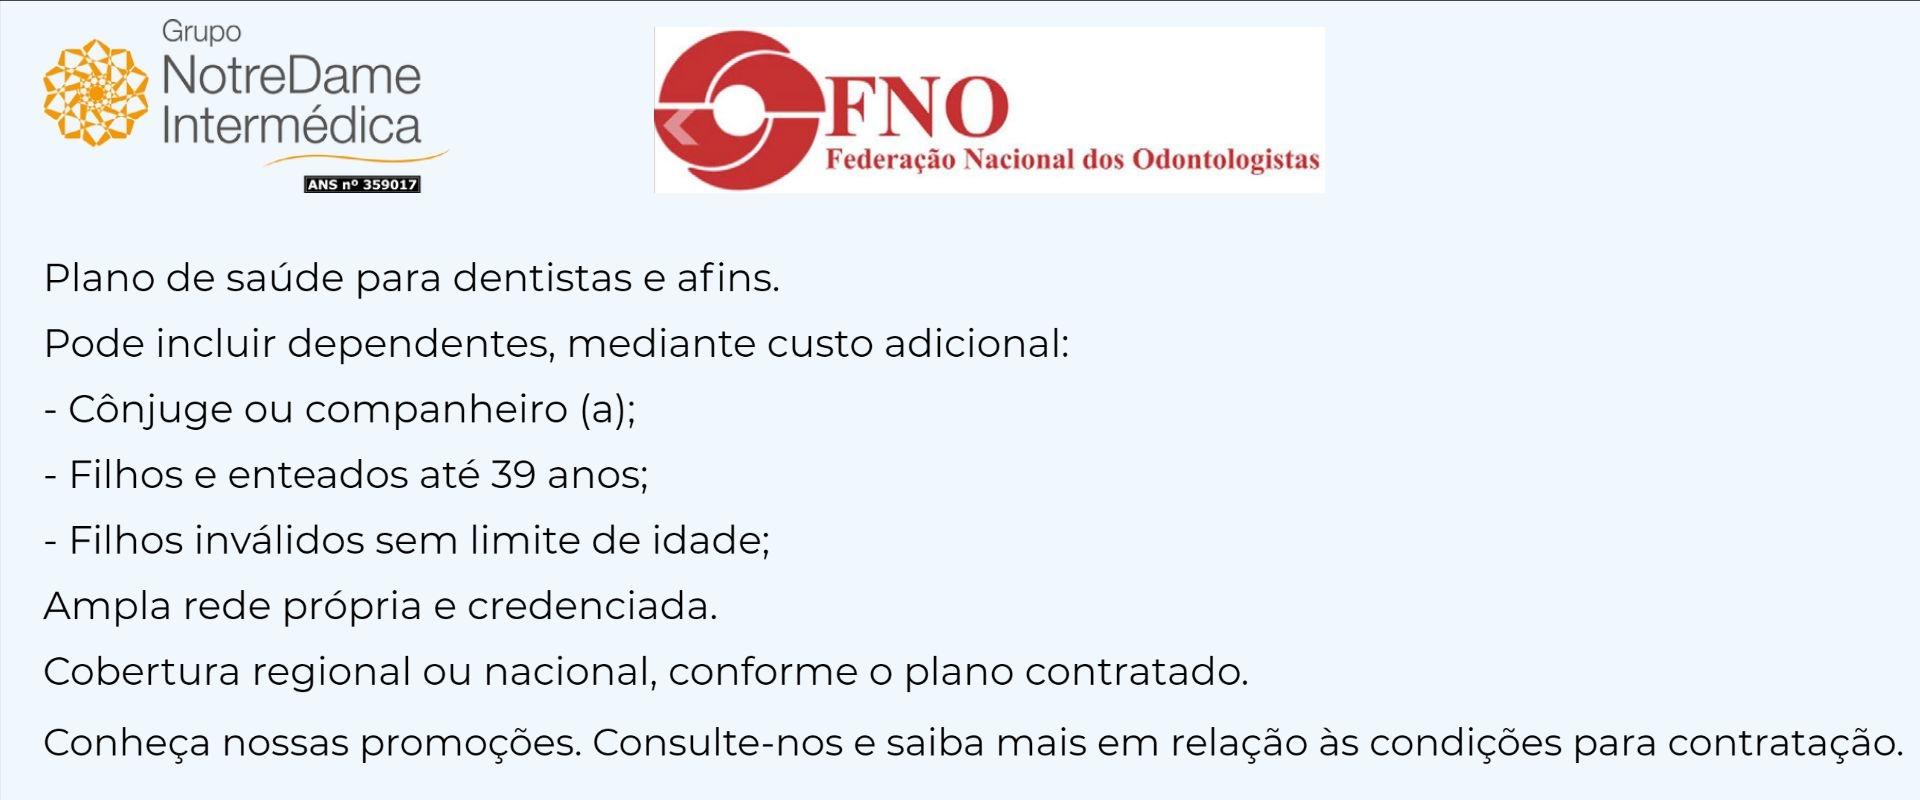 Notredame Intermédica CRO-RJ